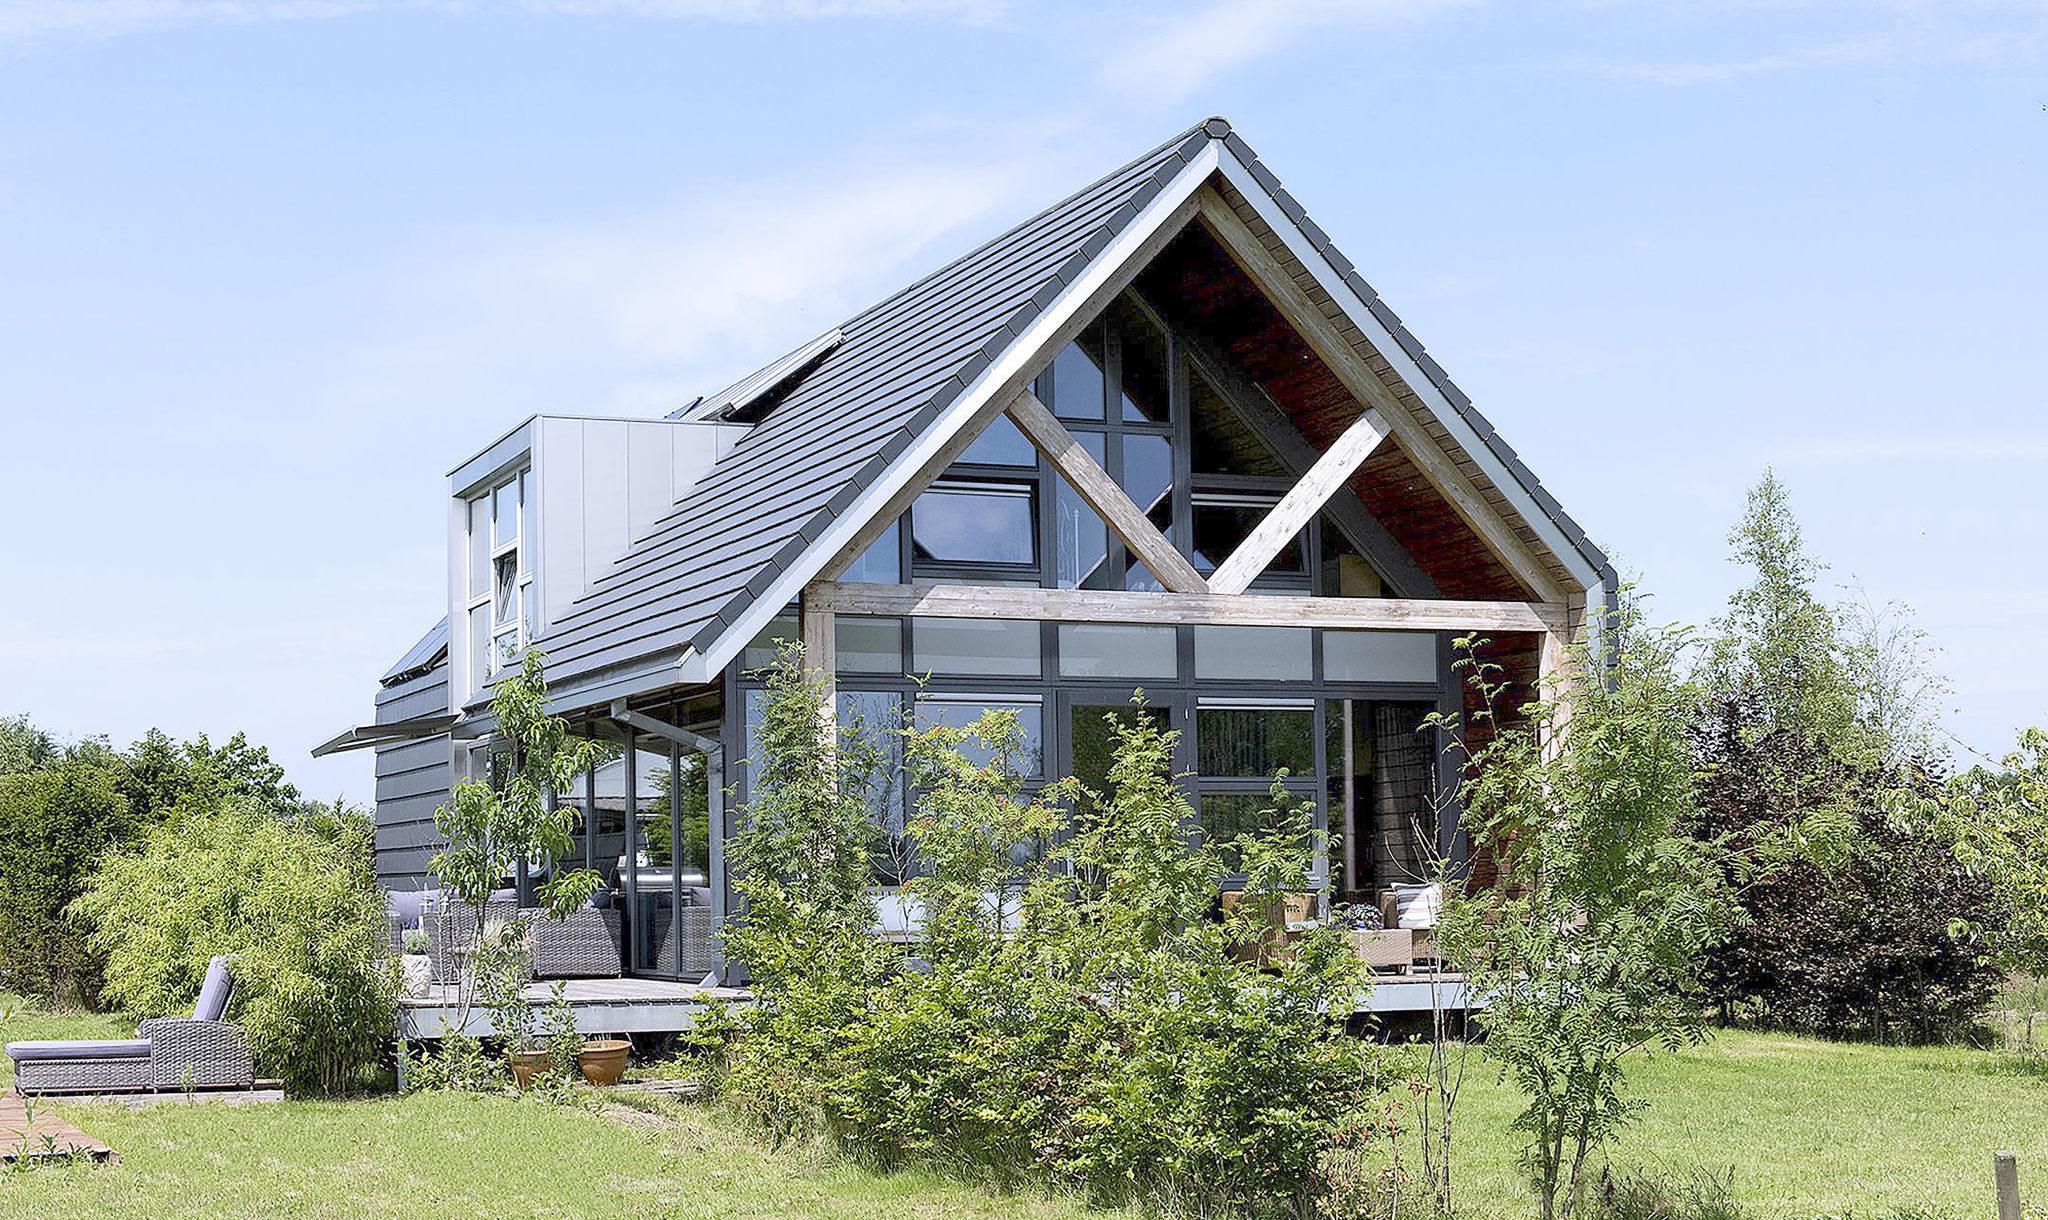 Te koop vrijstaand huis tussen de weilanden elsevier for Vrijstaand huis achterhoek